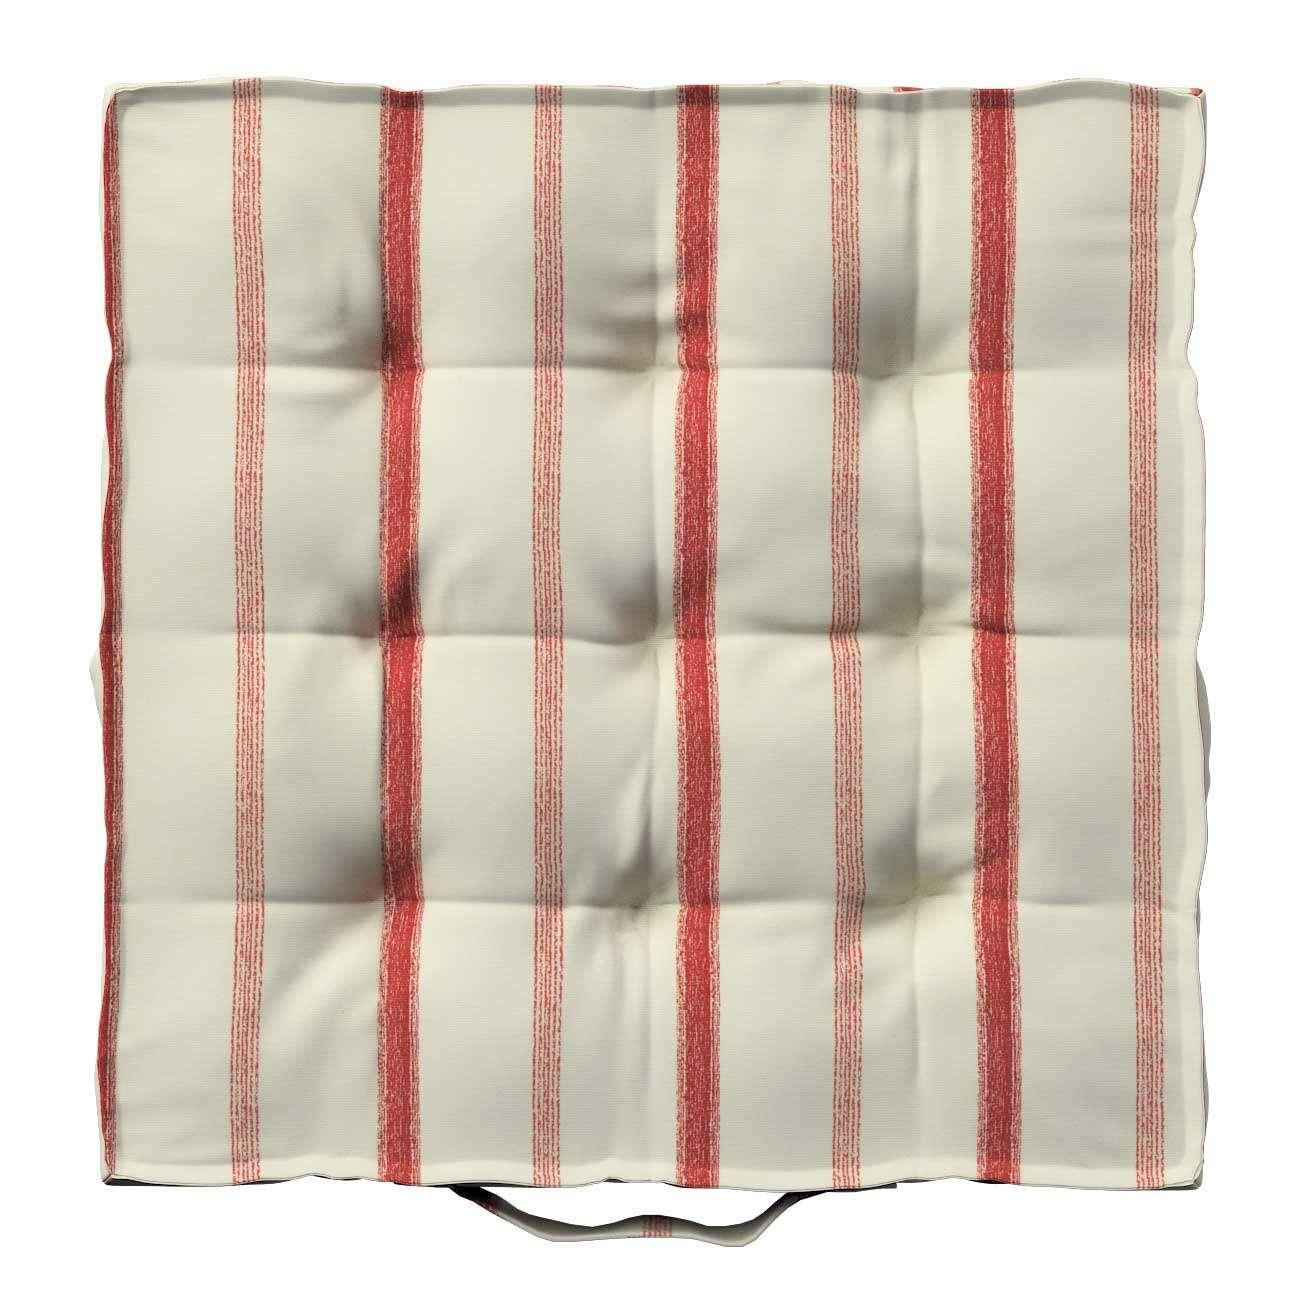 Siedzisko Kuba na krzesło w kolekcji Avinon, tkanina: 129-15